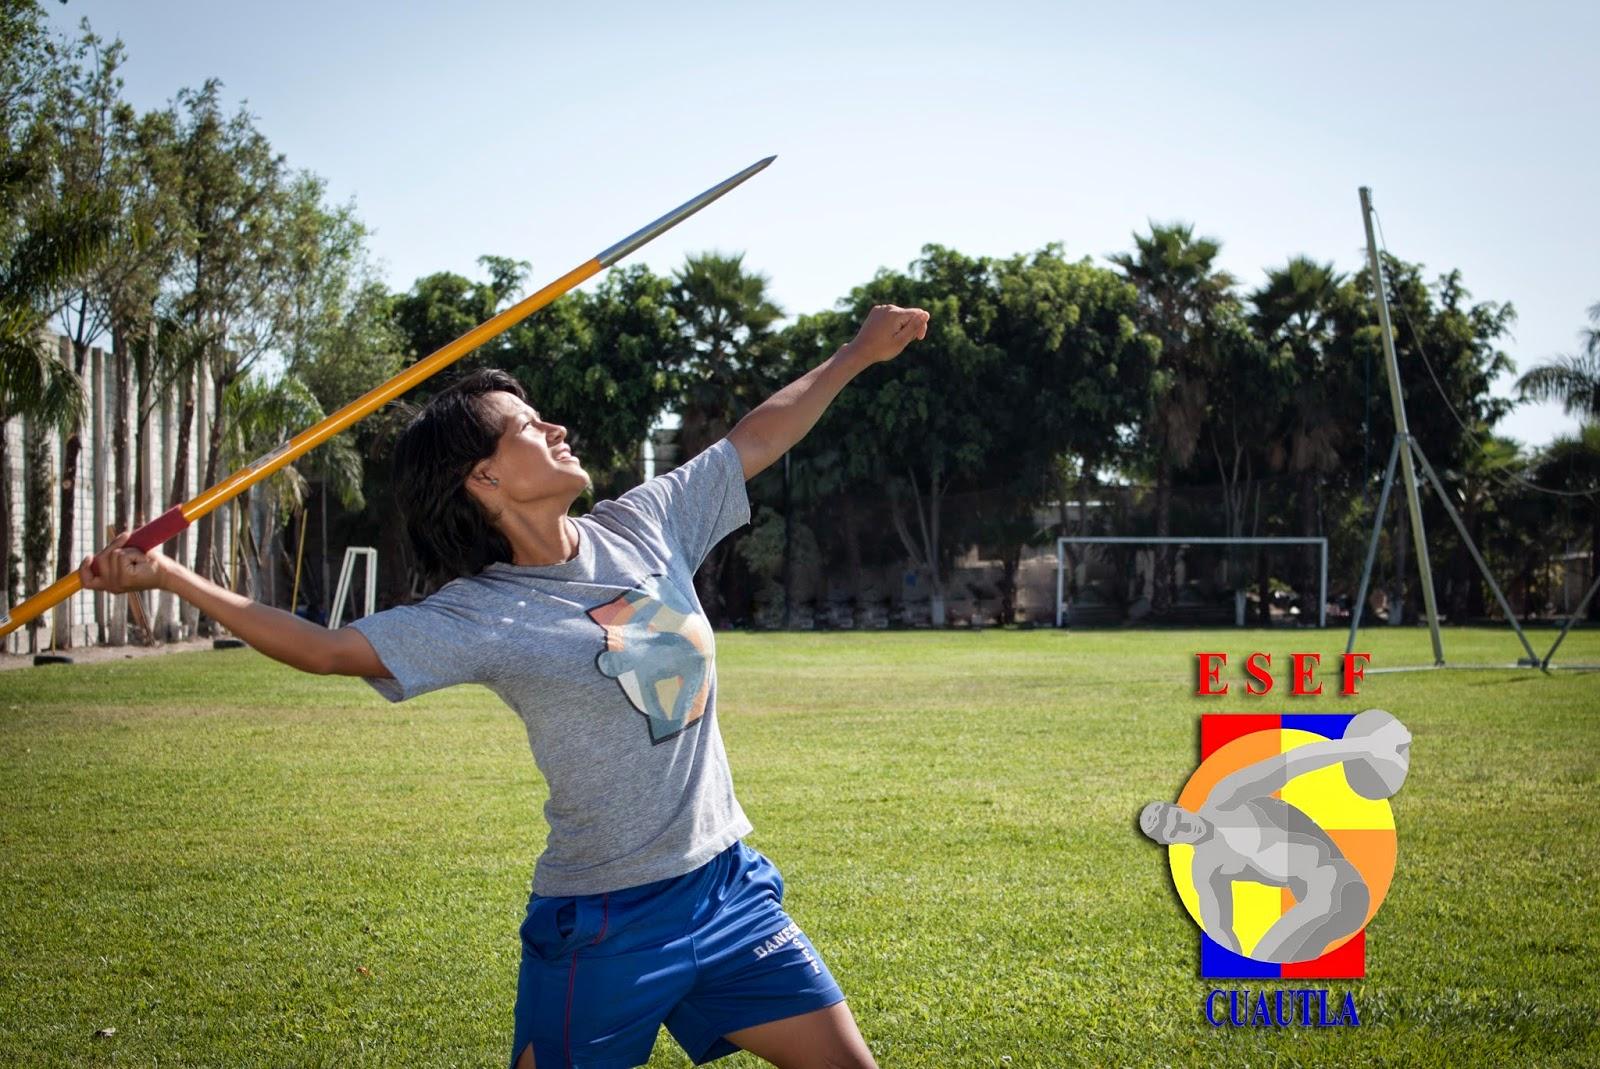 esef sep com mx: